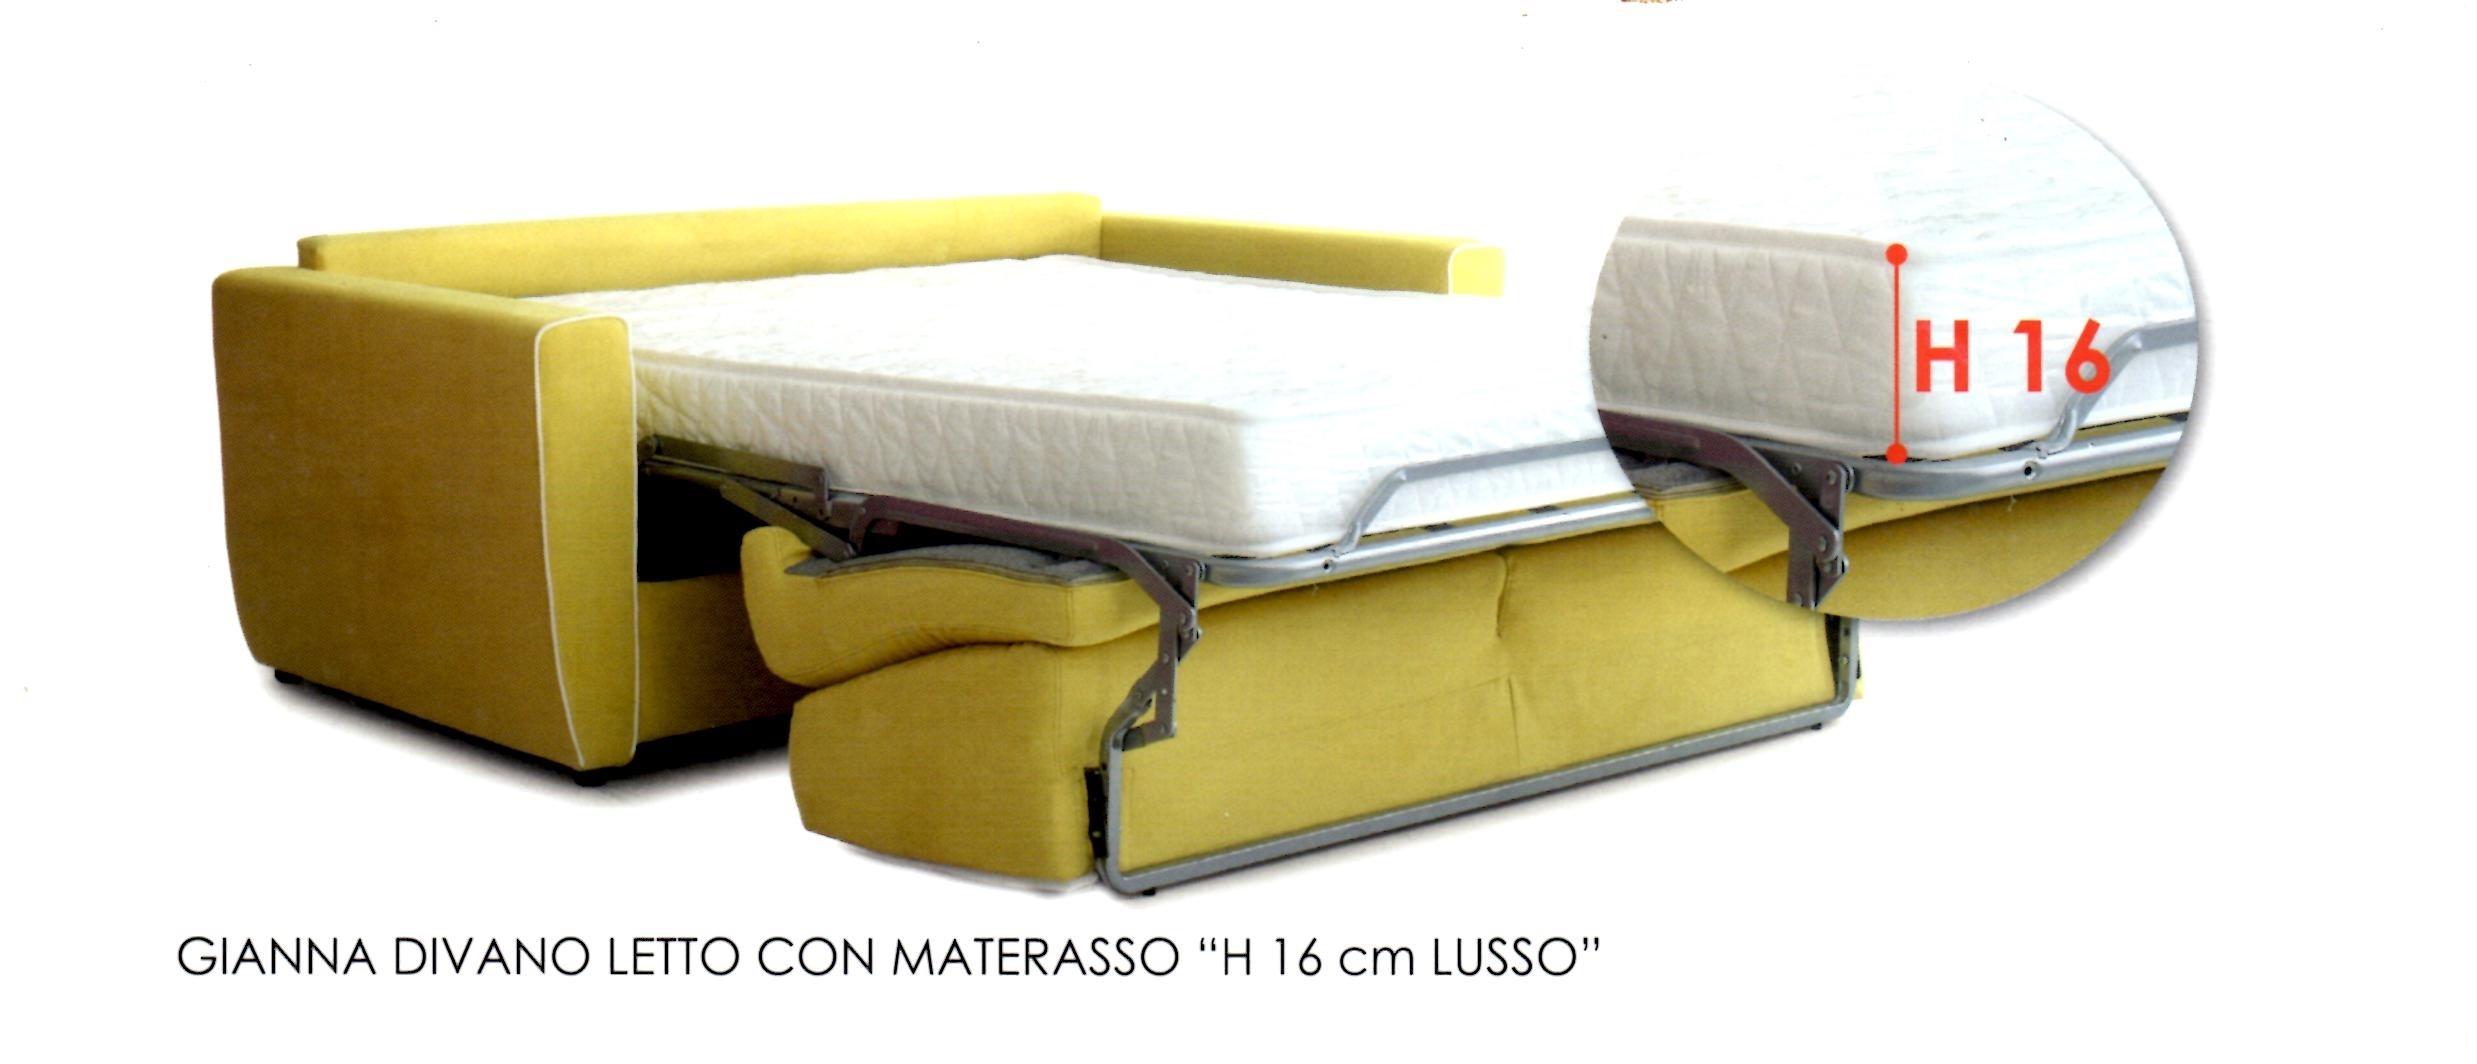 Cheap divani letto a basso costo divano letto brera venduto with divani with mobilandia divani - Divano vilasund ...